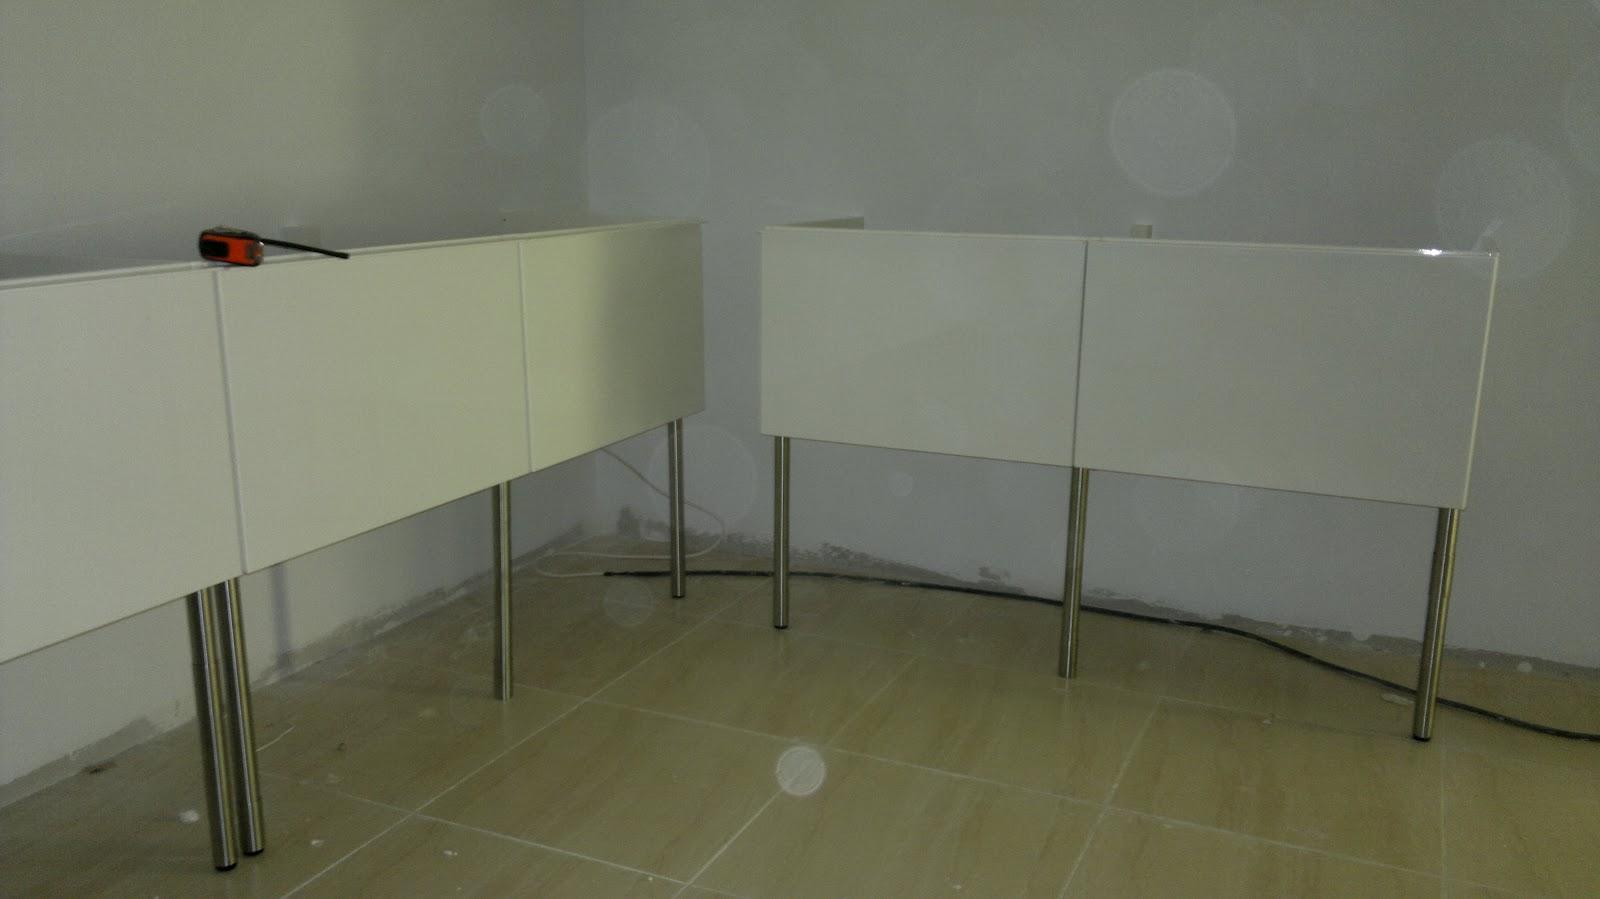 Pintura montaje muebles de ba o con cuatro cajones - Montaje muebles ikea ...